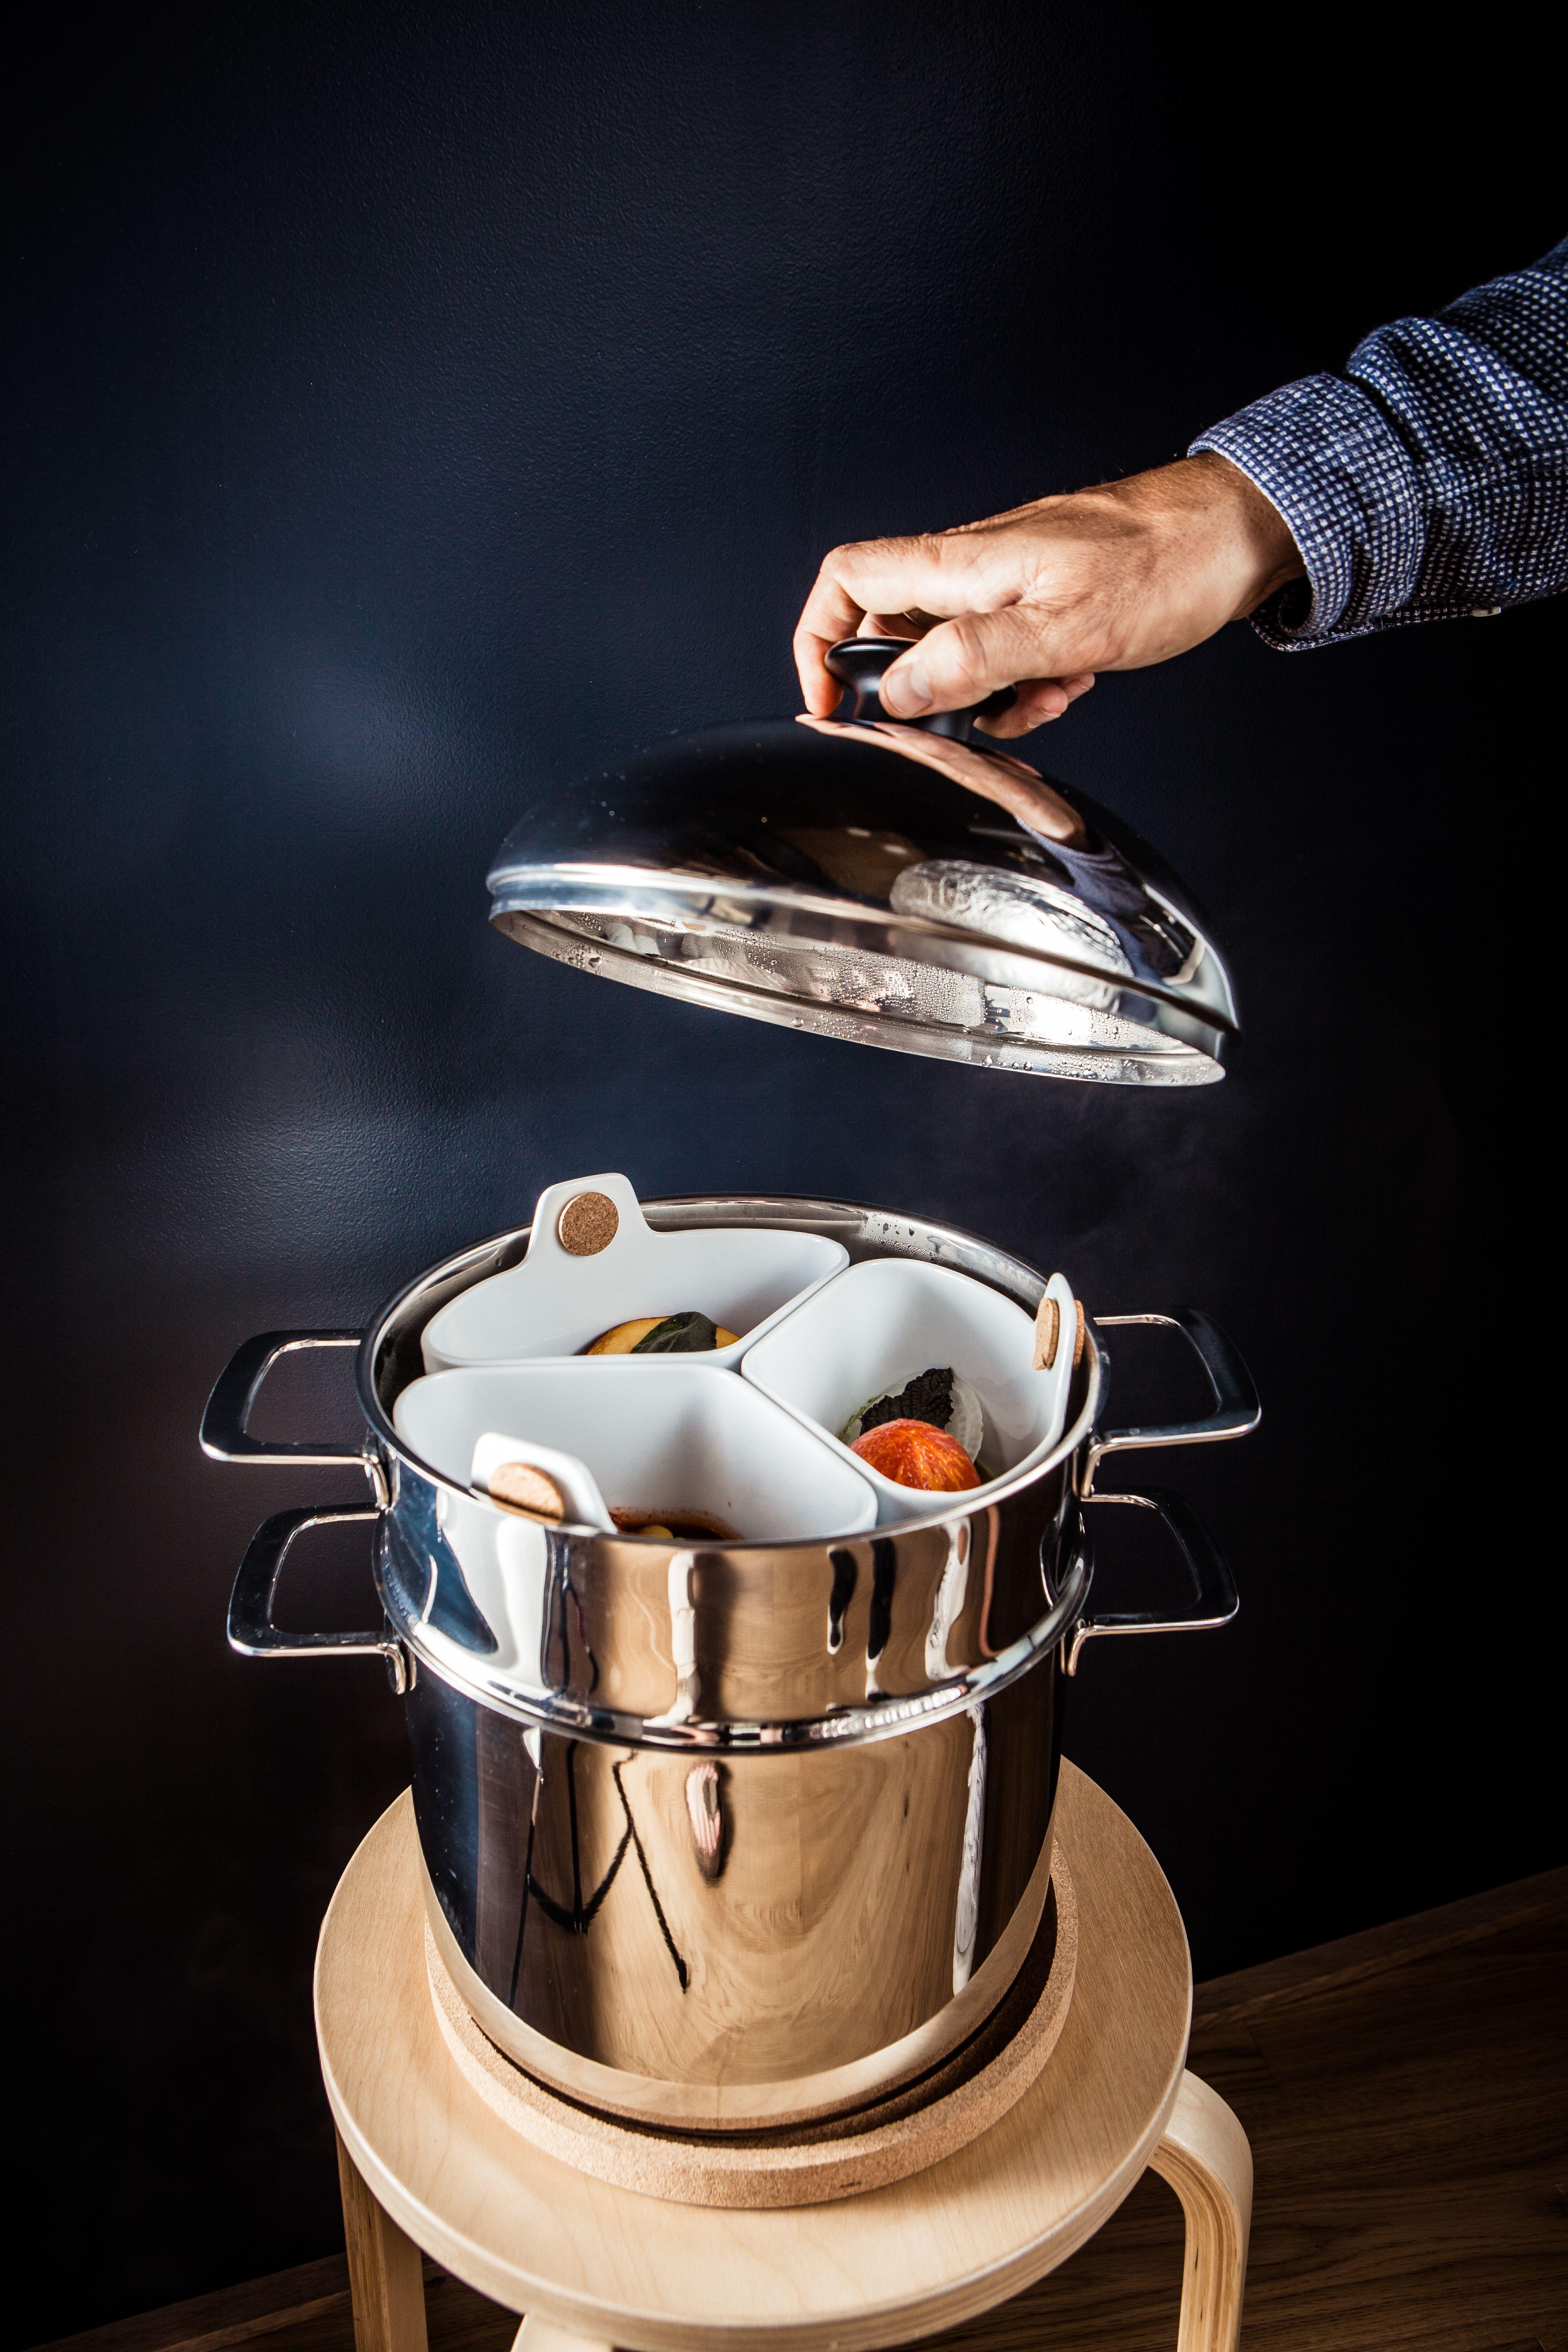 J Ai Teste Le Vitaliseur De Marion Kaplan Sweet Sour Healthy Happy Living Recettes De Cuisine Cuisine Cuisson Vapeur